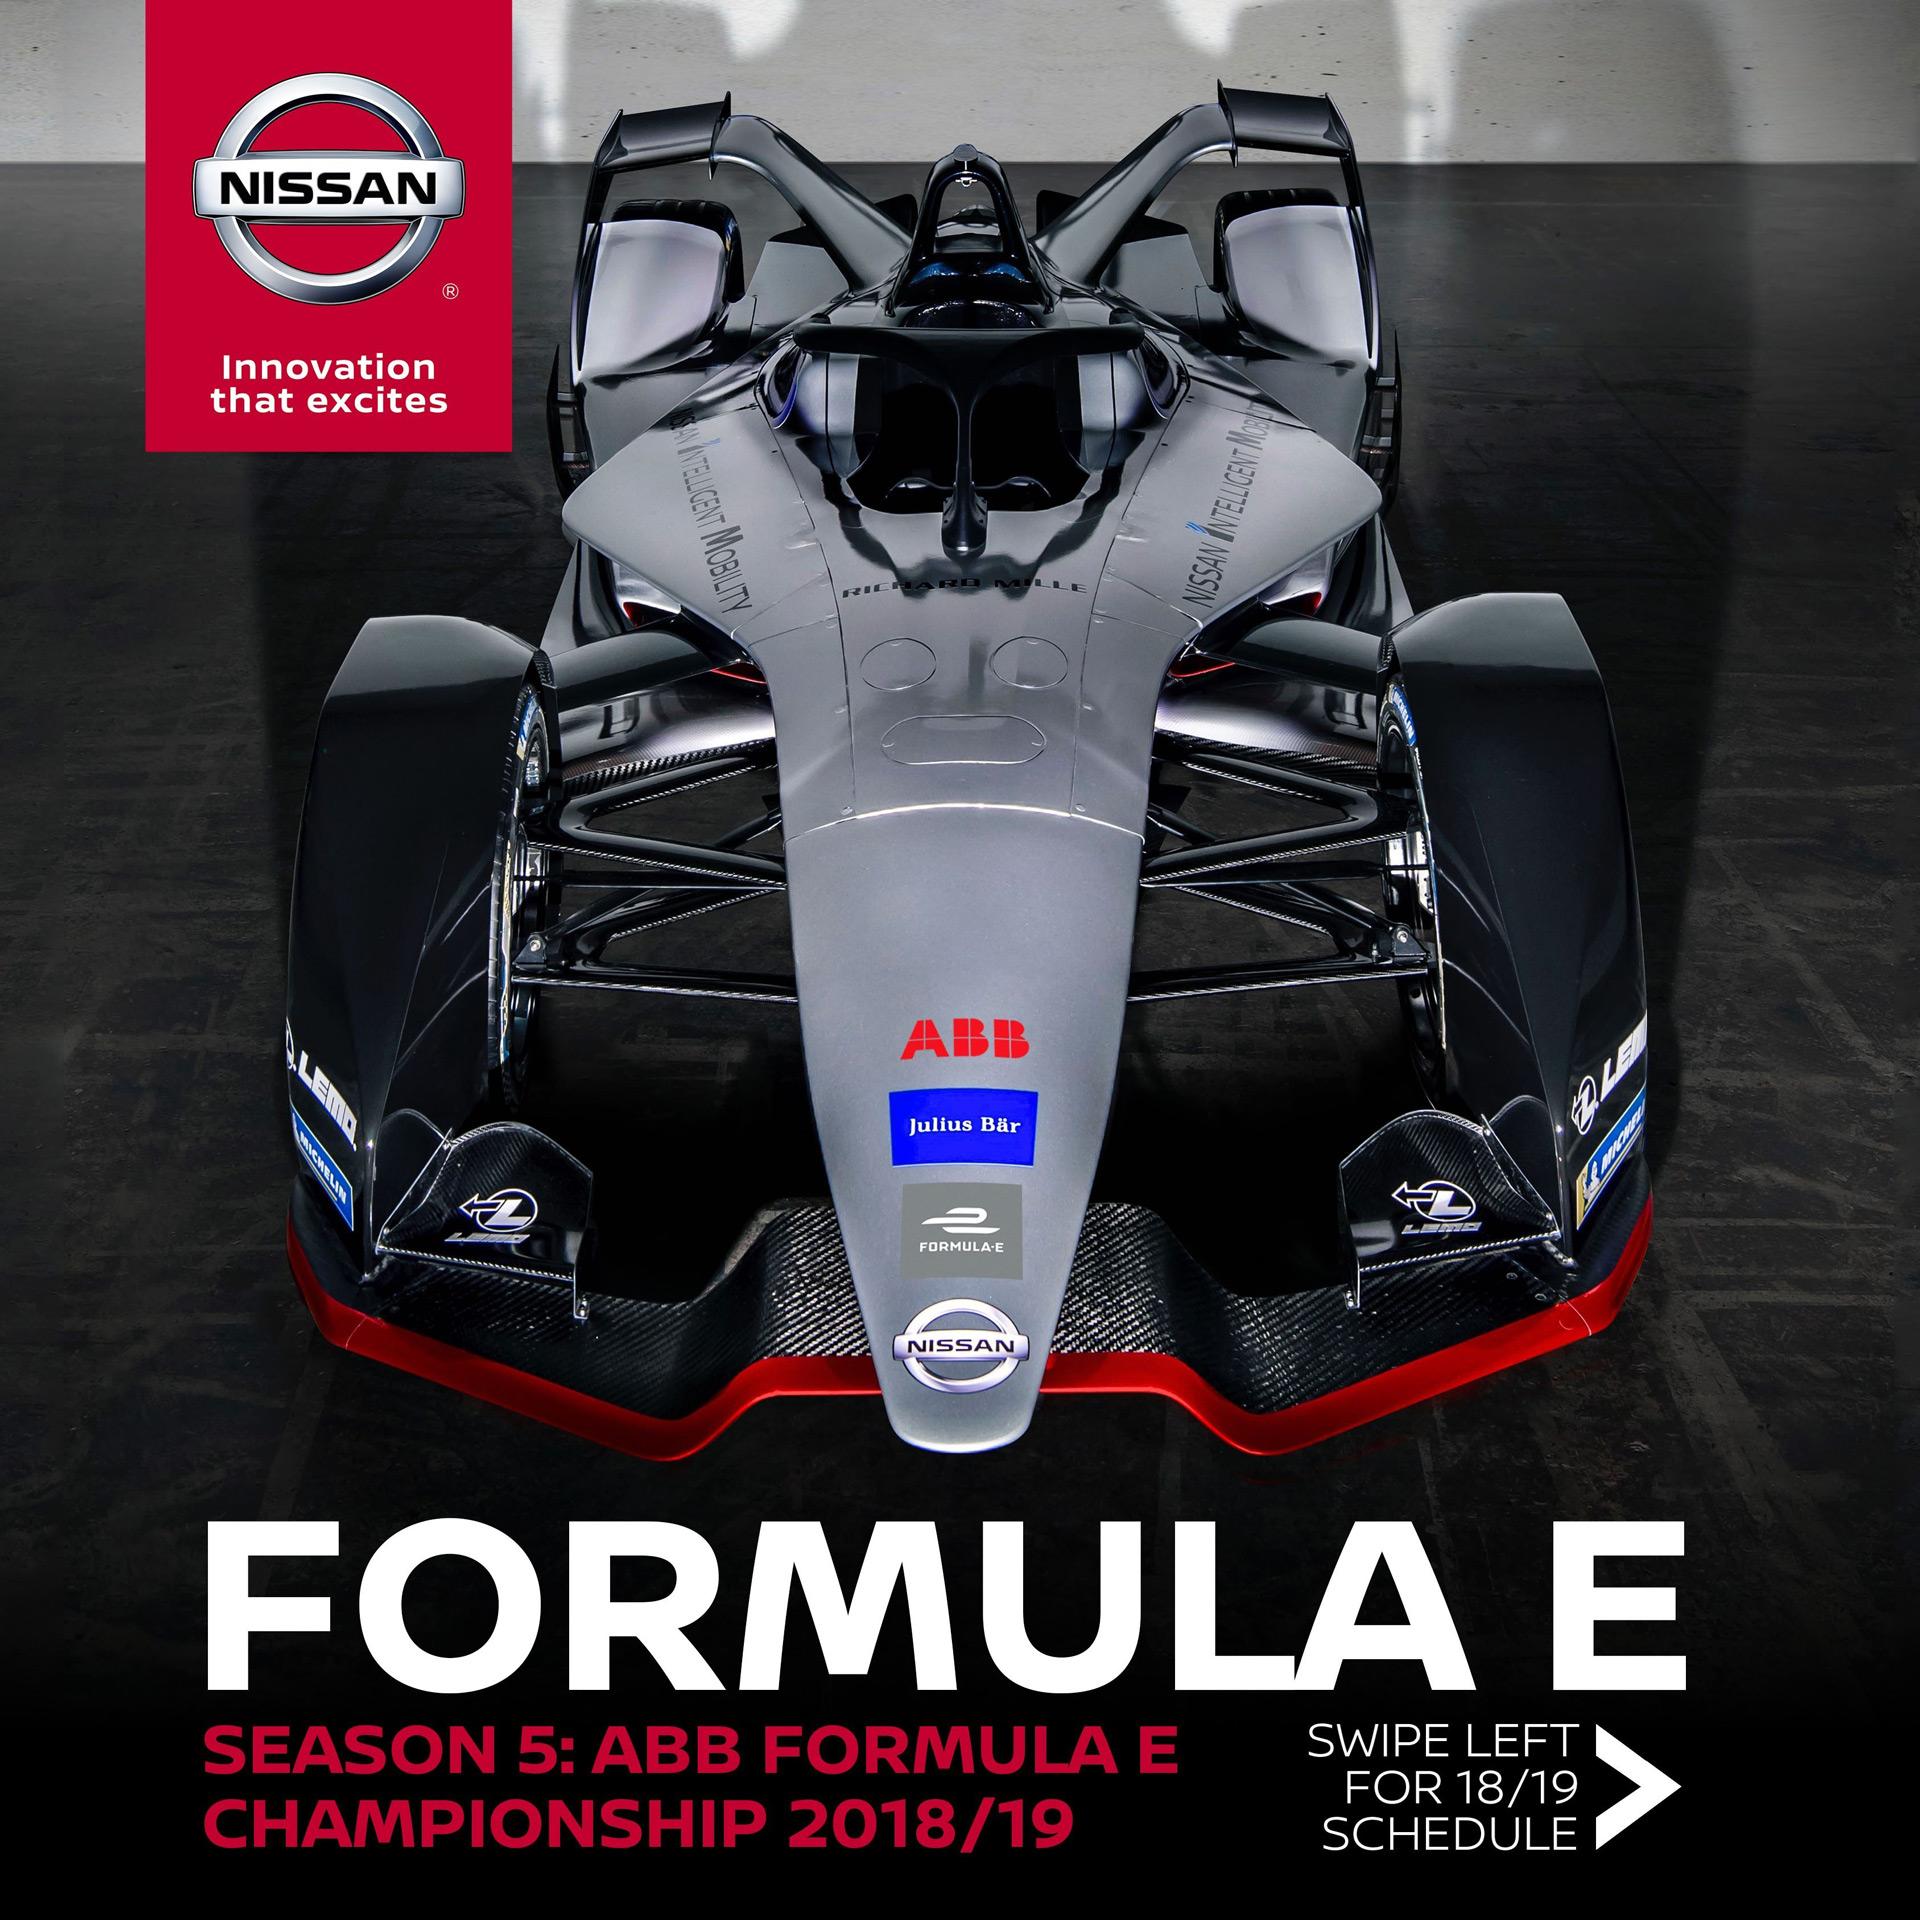 Автомобиль Nissan в пятом сезоне Формулы Е